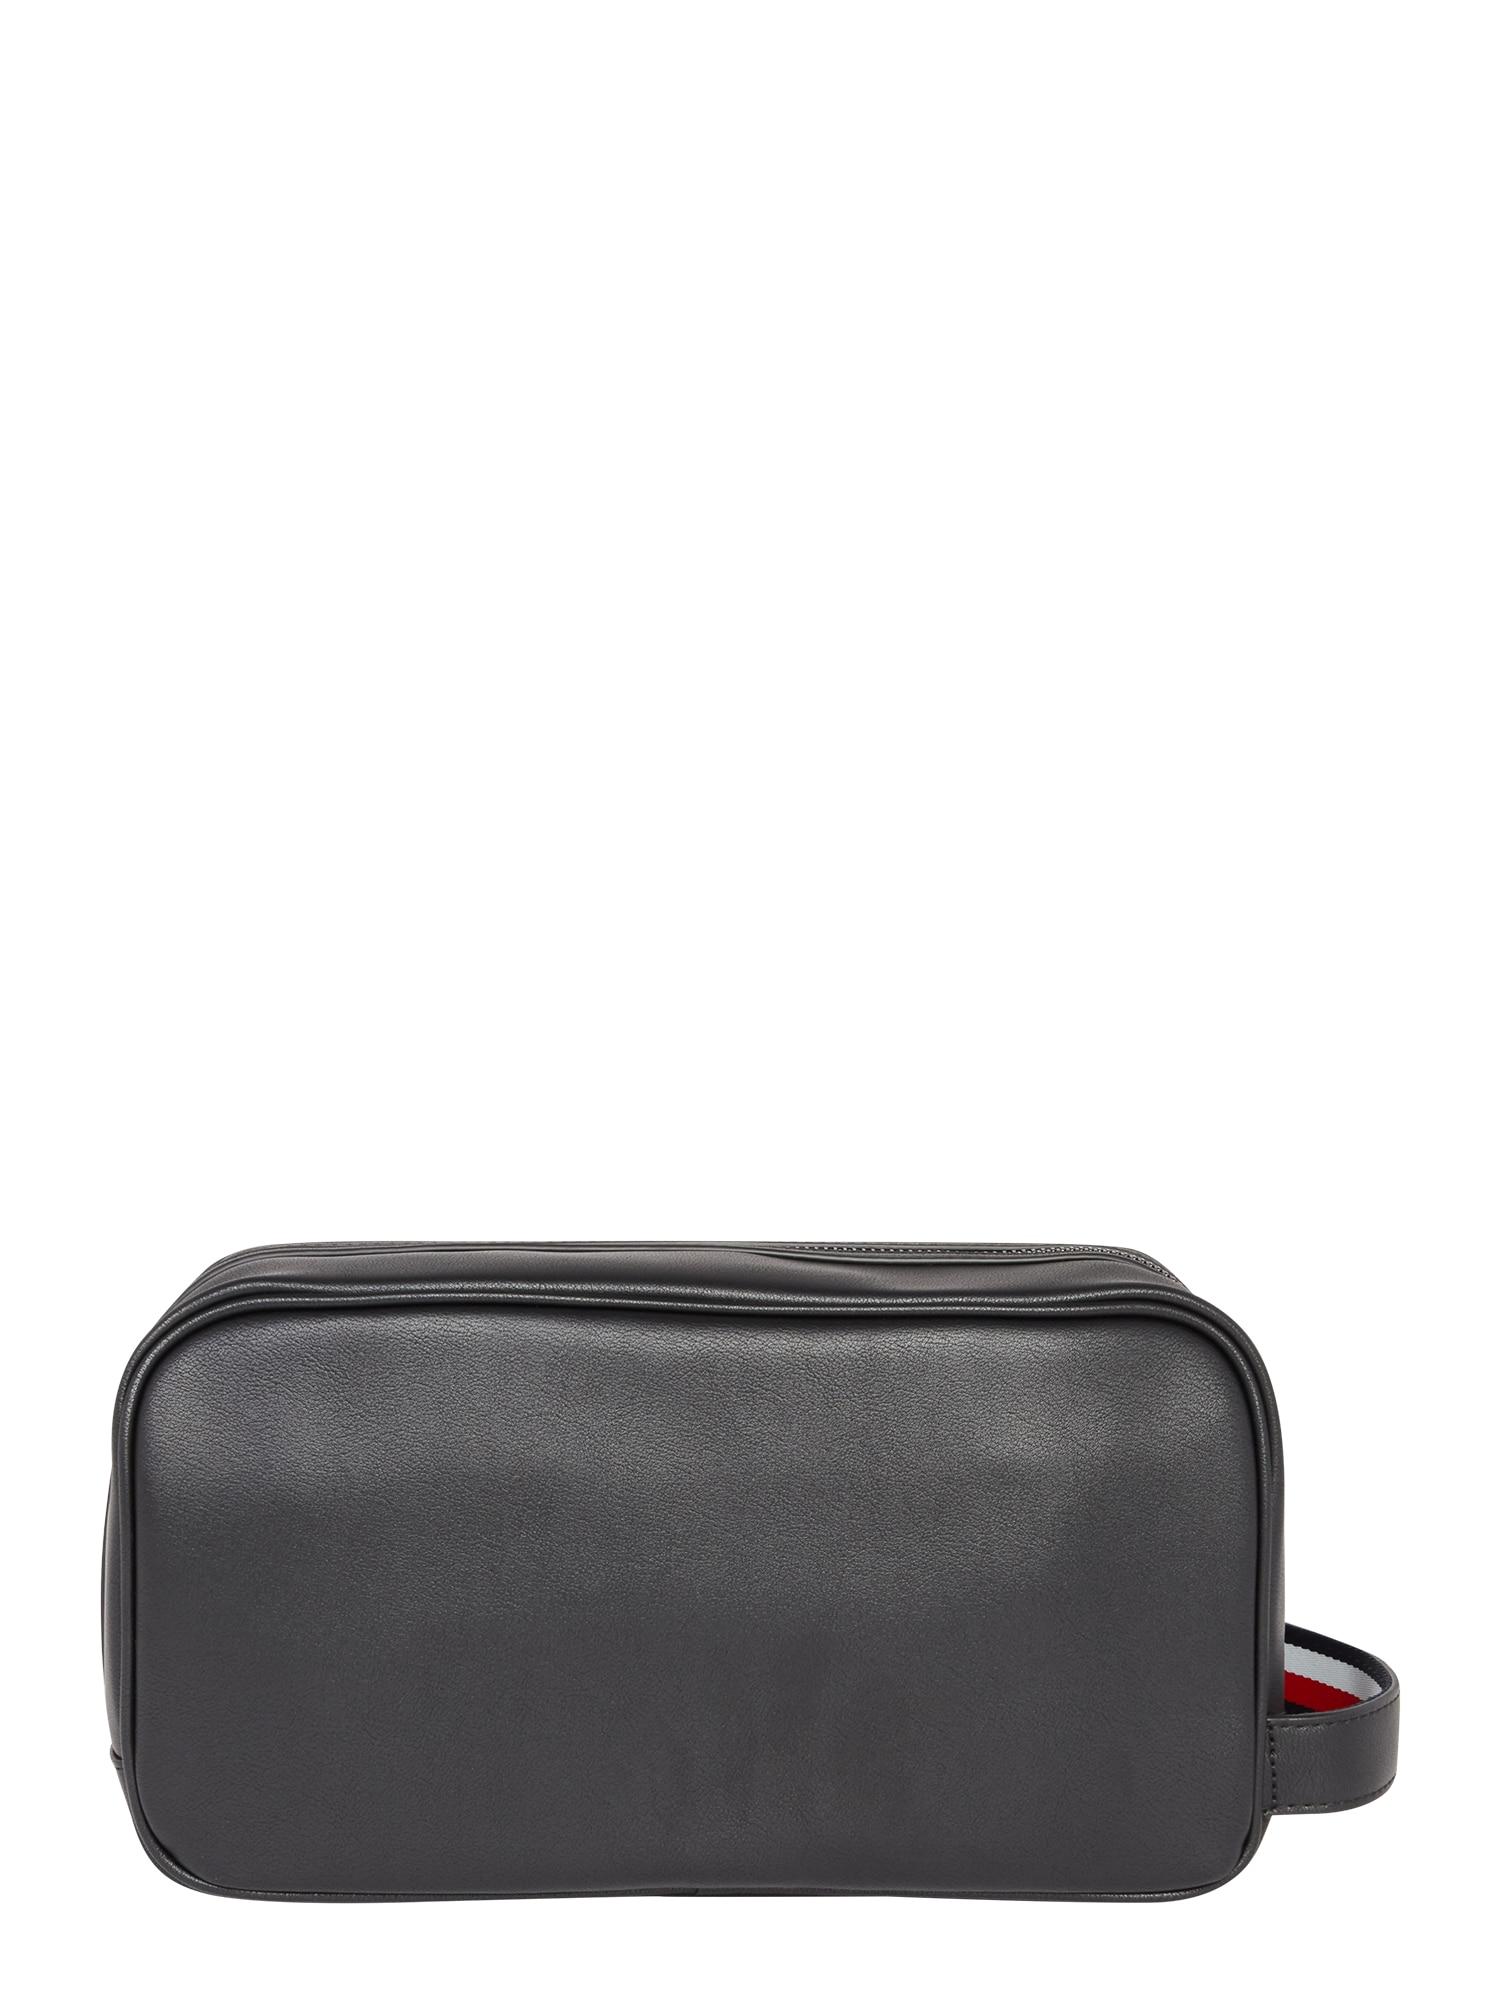 TOMMY HILFIGER Tualeto reikmenų / kosmetikos krepšys 'METRO' juoda